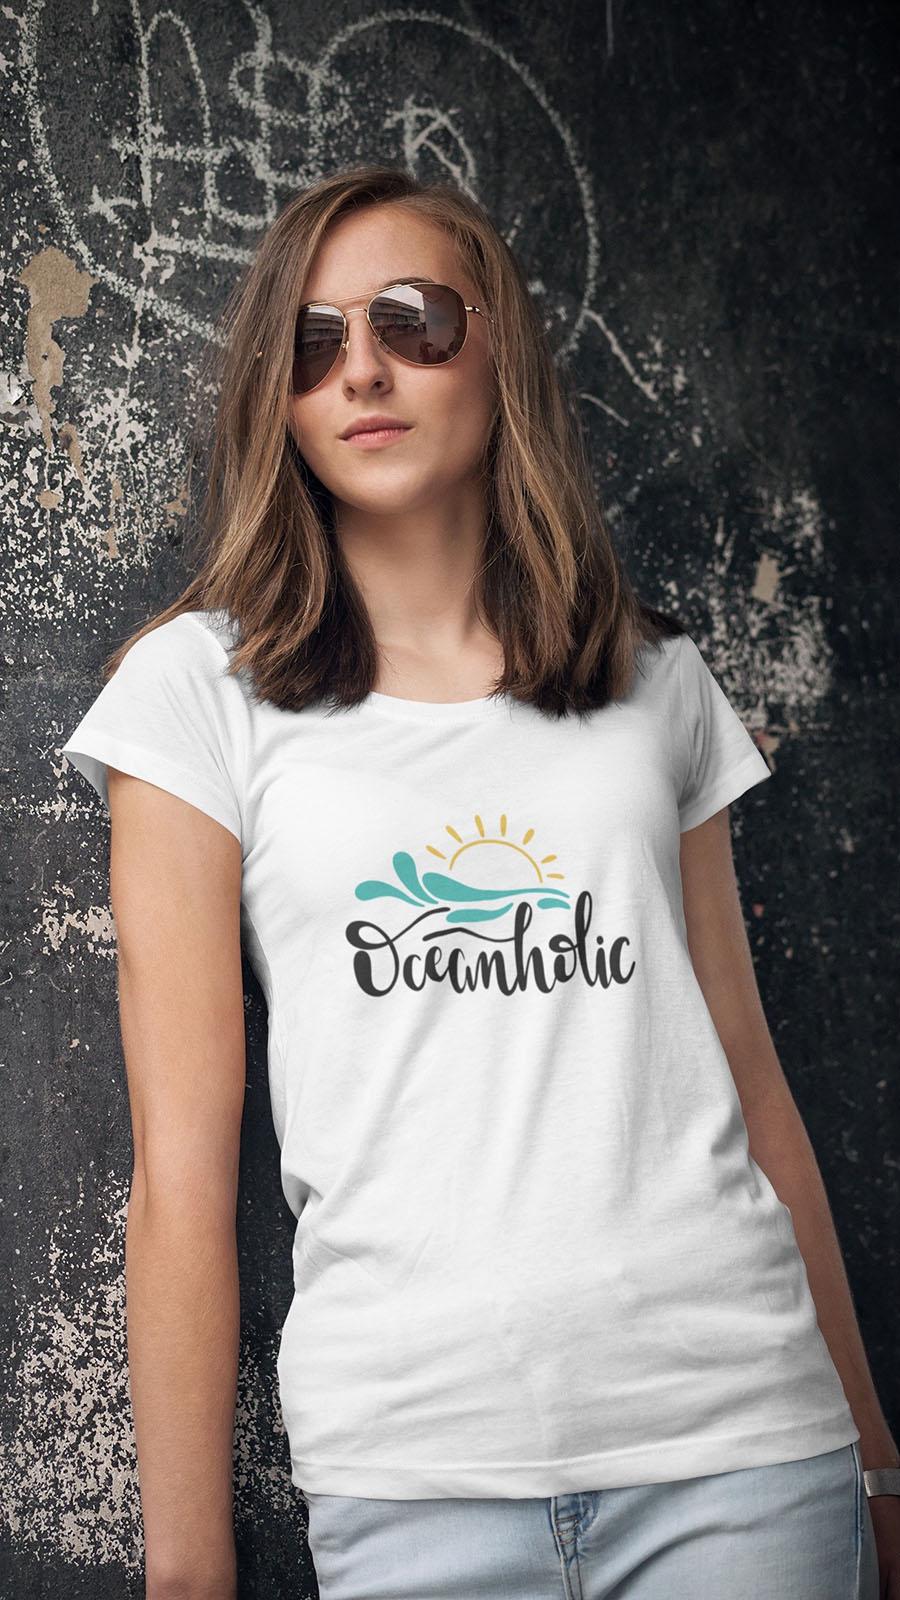 Camisetas com temas de viagem